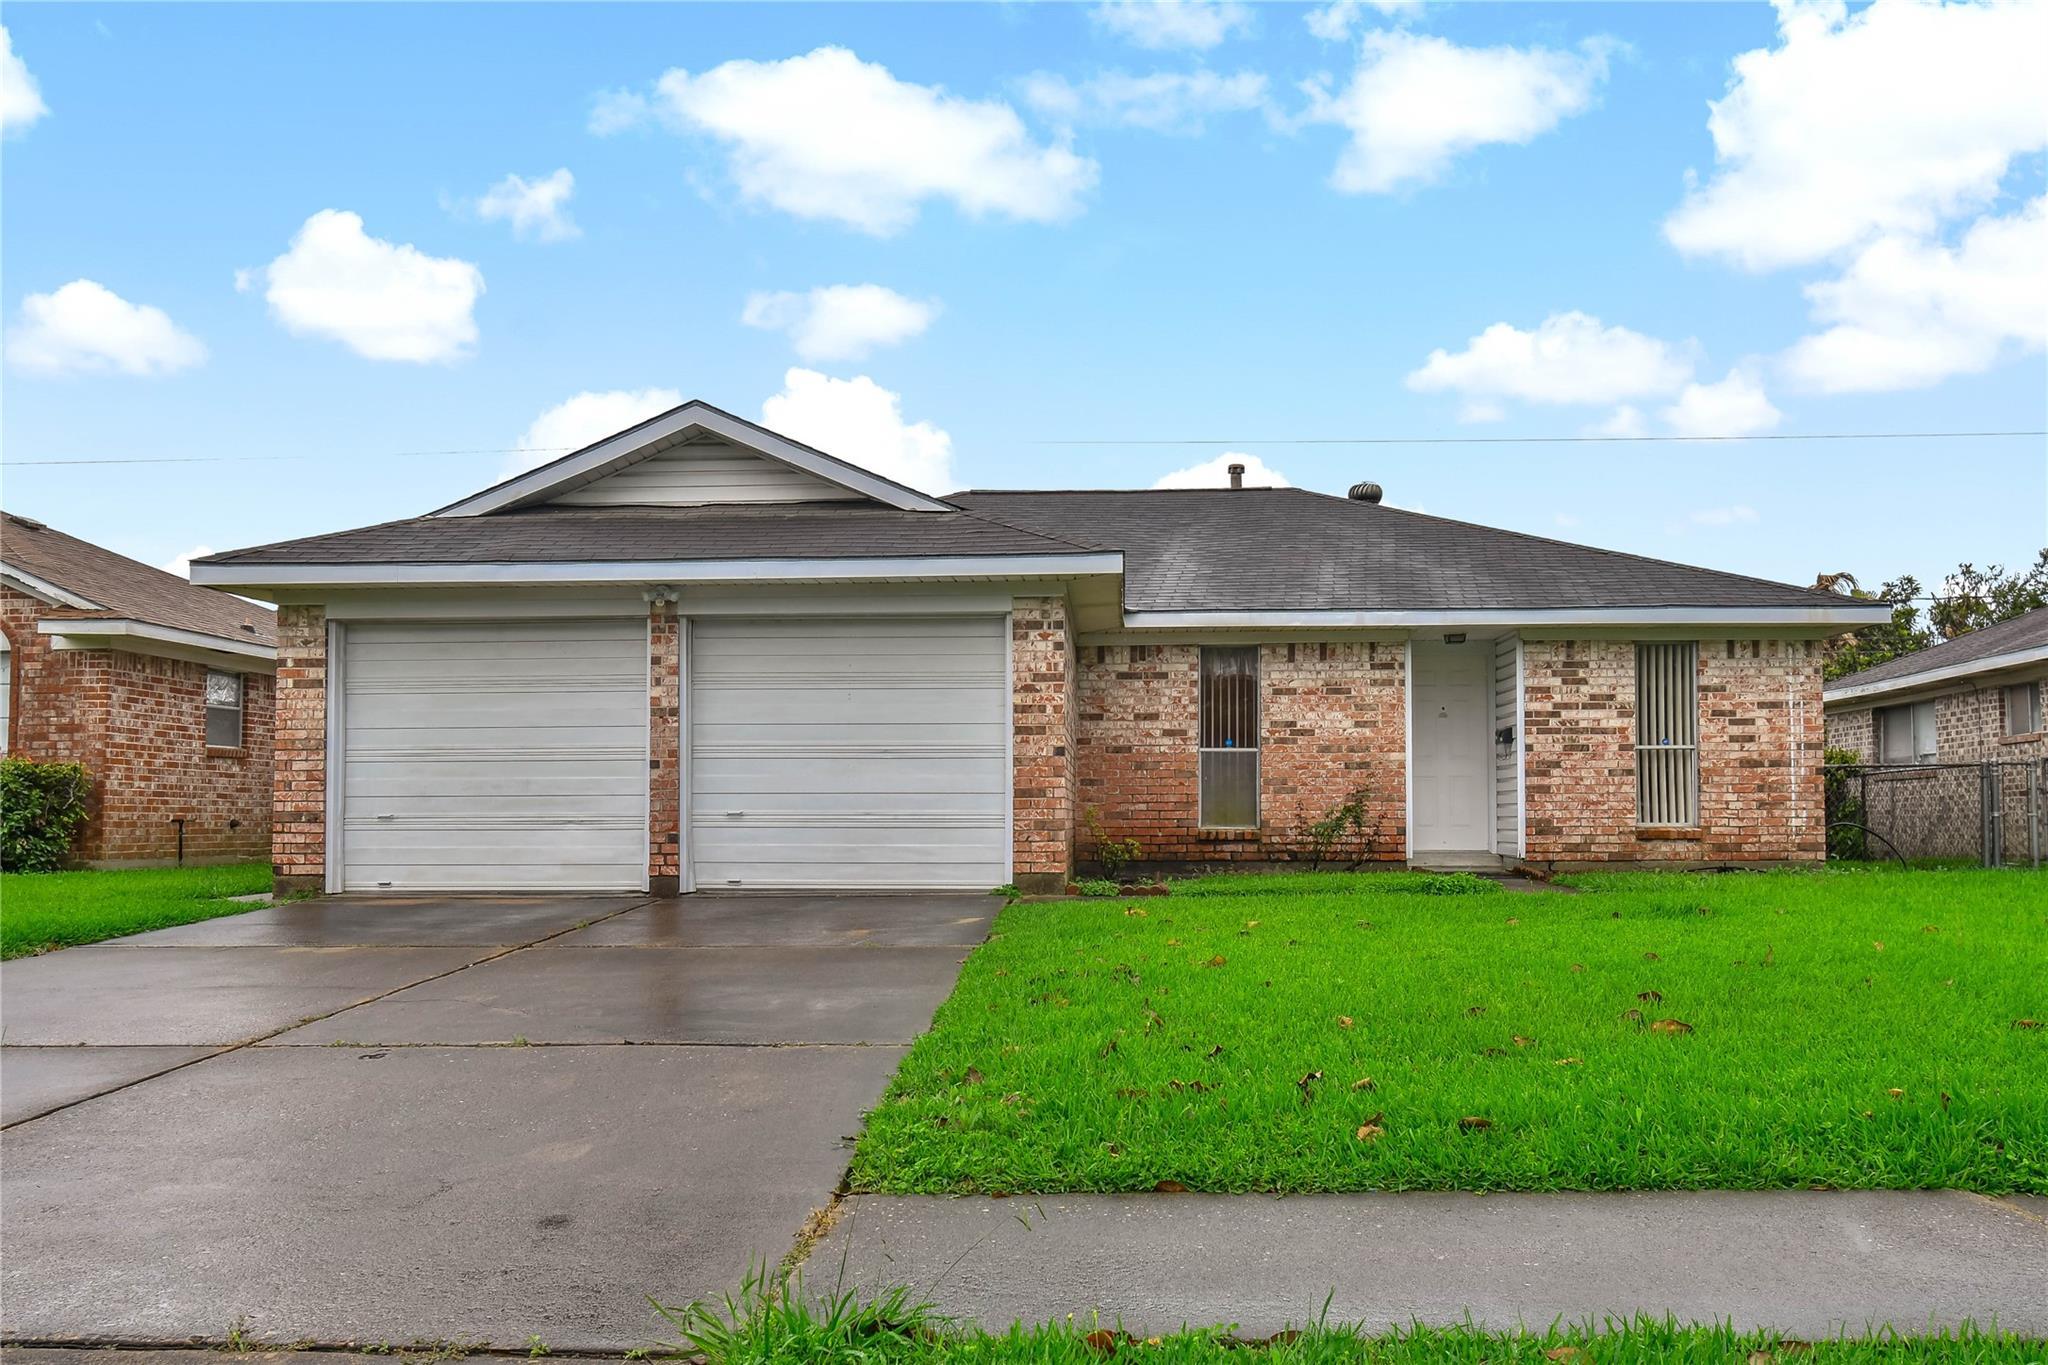 Almeda Manor Real Estate Listings Main Image